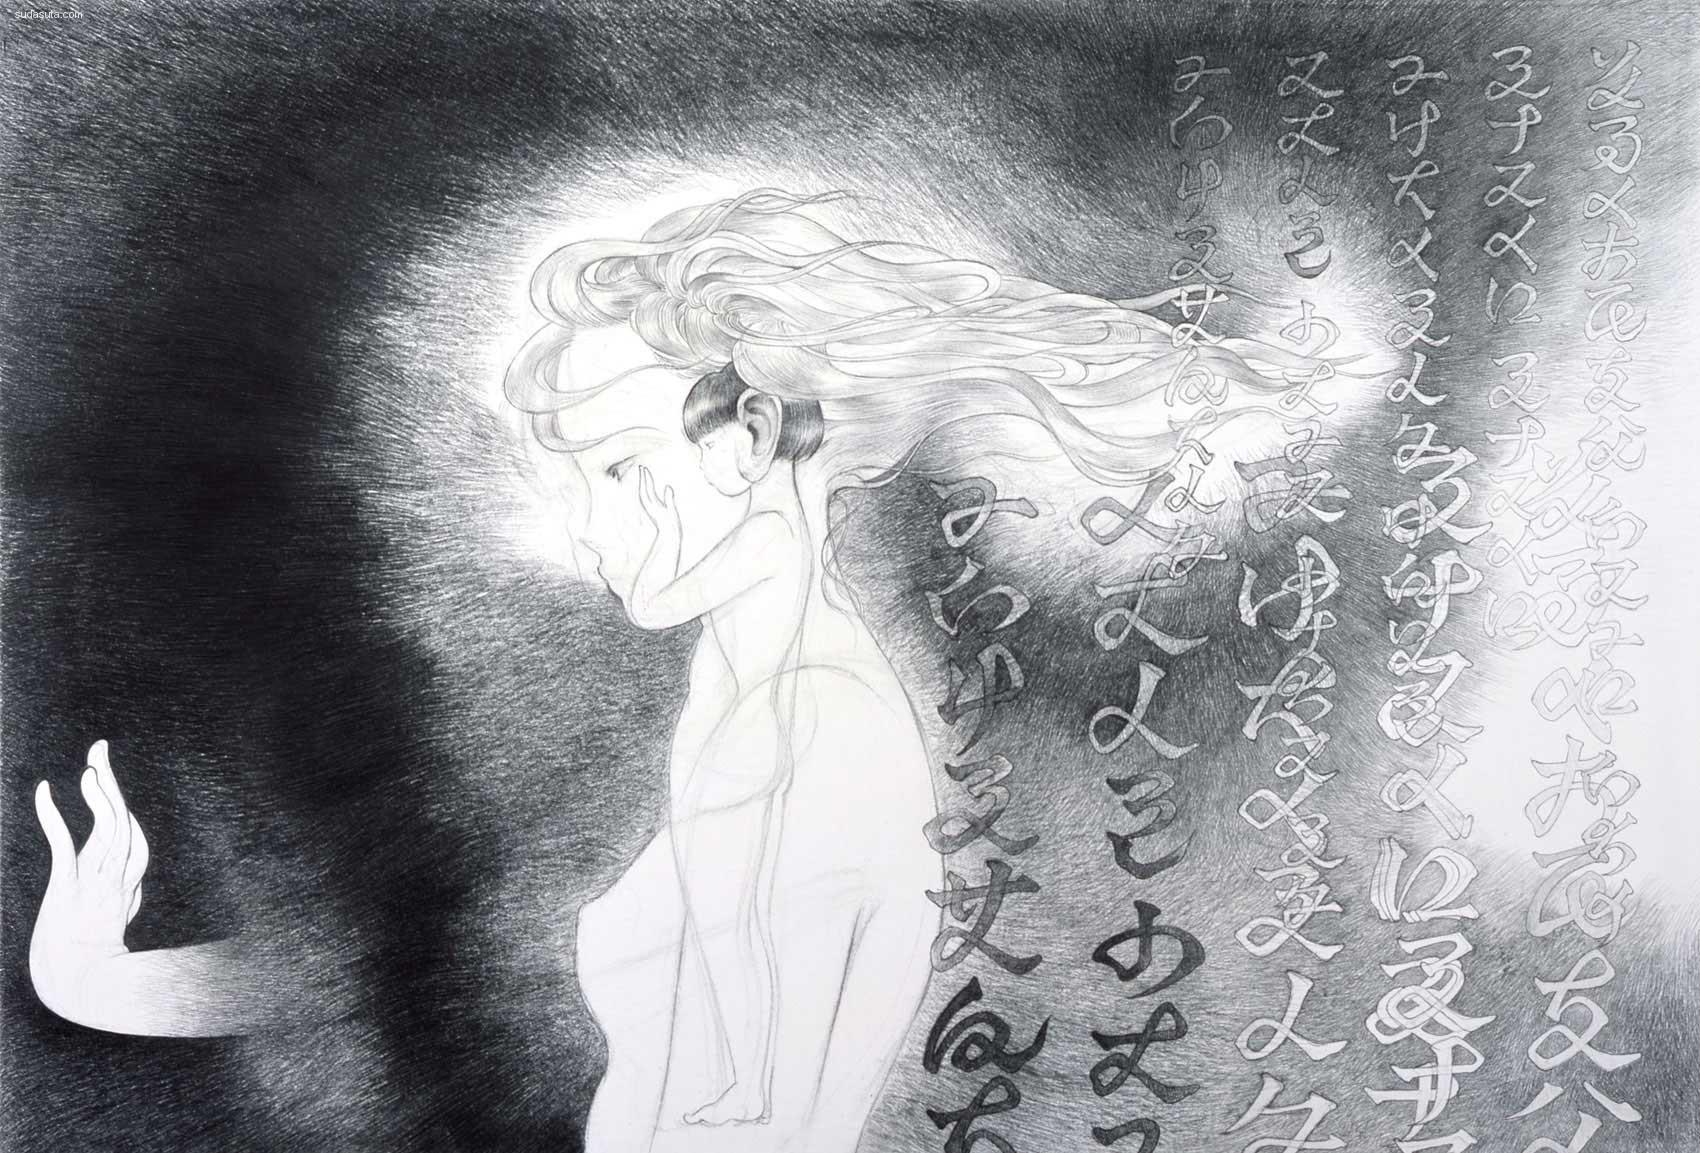 日本艺术家 Akino Kondoh